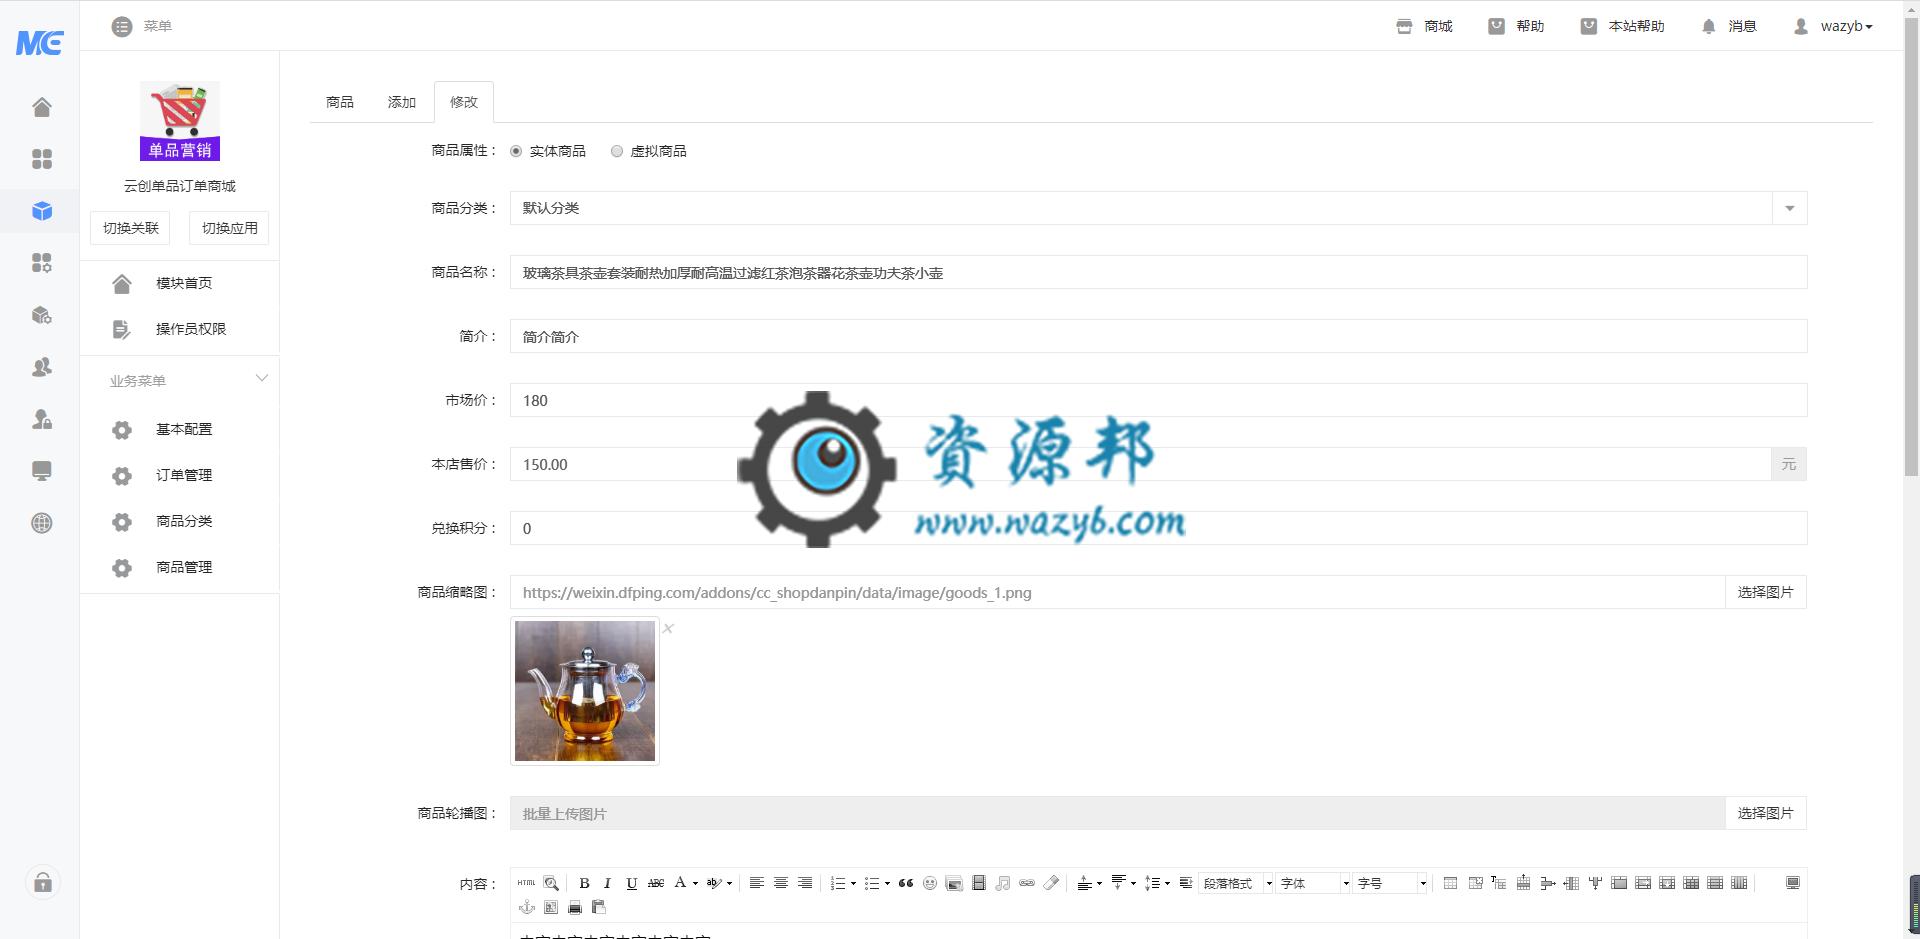 【公众号应用】云创单品订单商城V1.0.16完整源码包,修正商品内容视频字段默认值 公众号应用 第5张